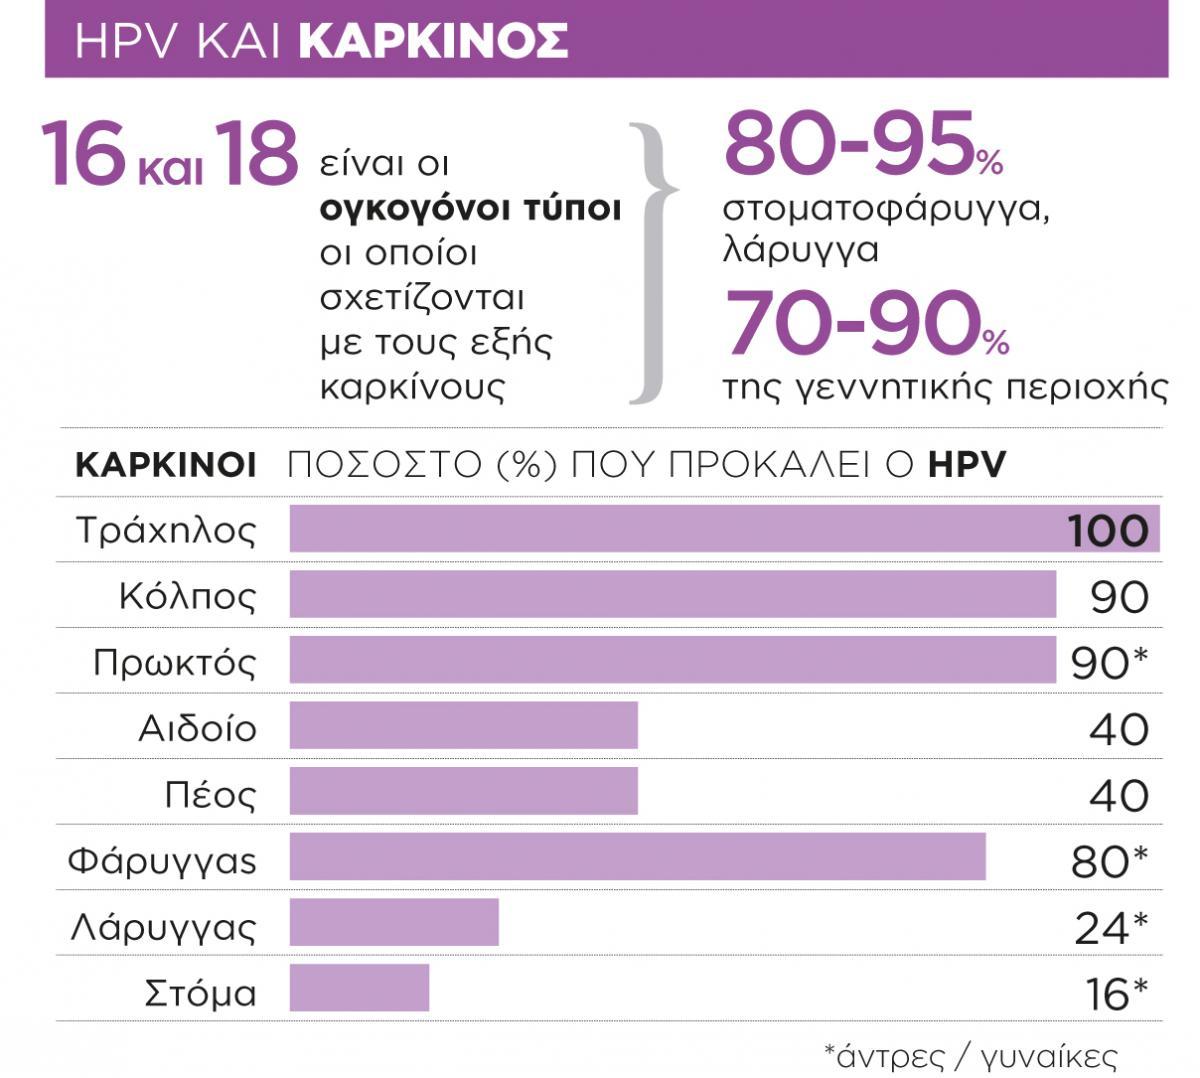 Ηuman Papilloma Virus (HPV) | ISUD